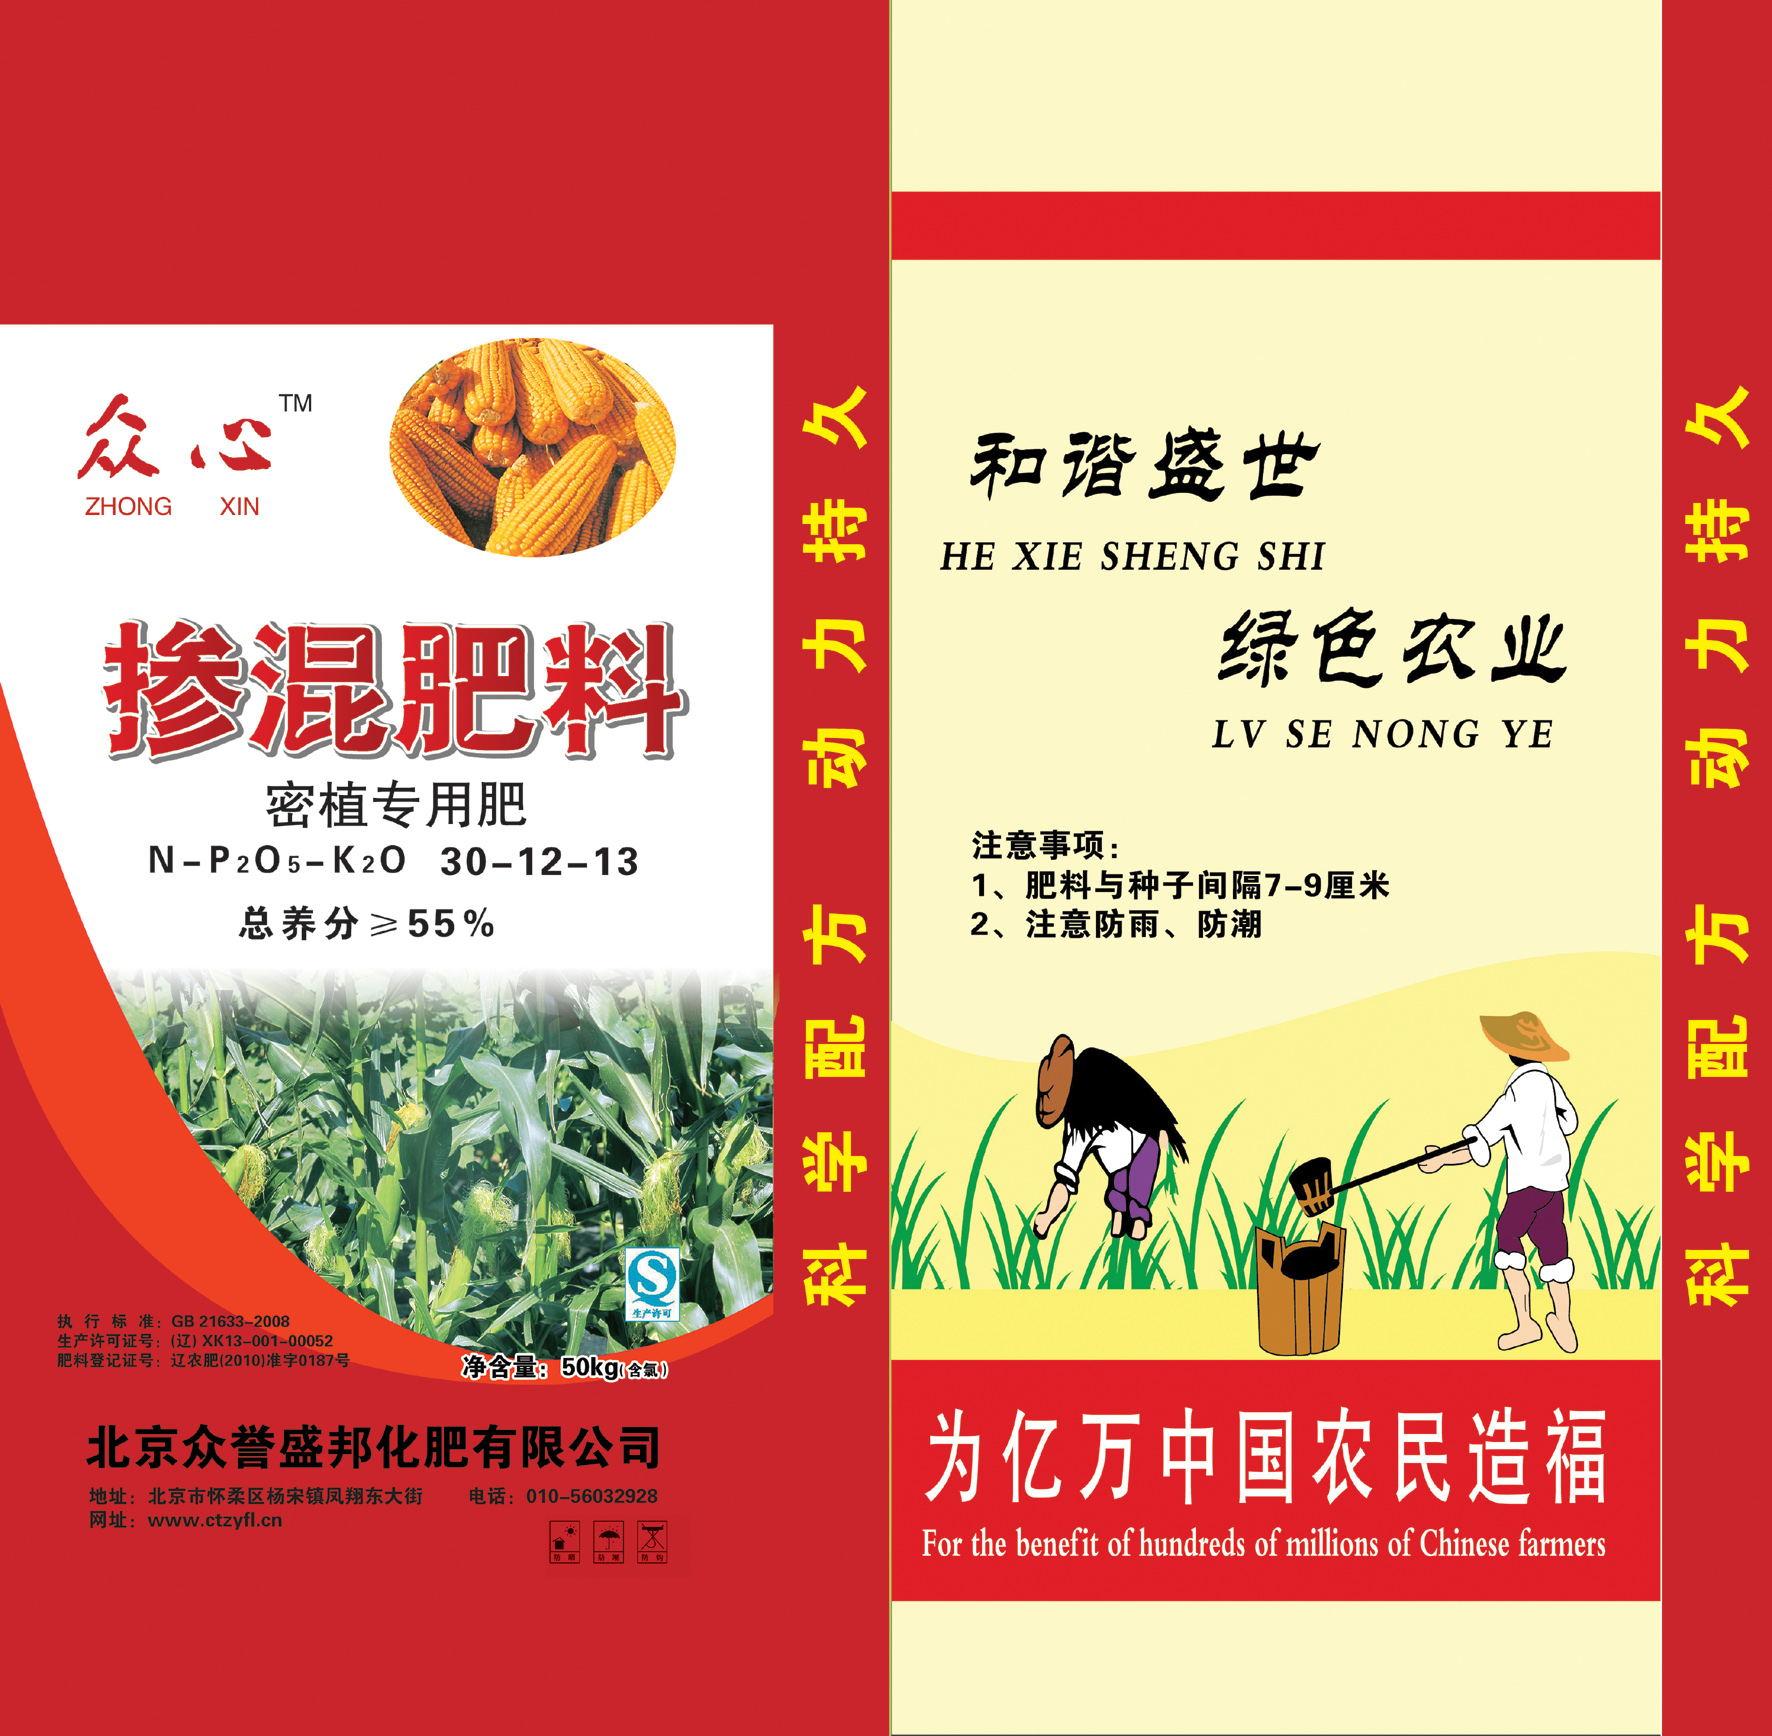 众心掺混 密植复合肥 北京众誉盛邦化肥有限公司50kg(55%)